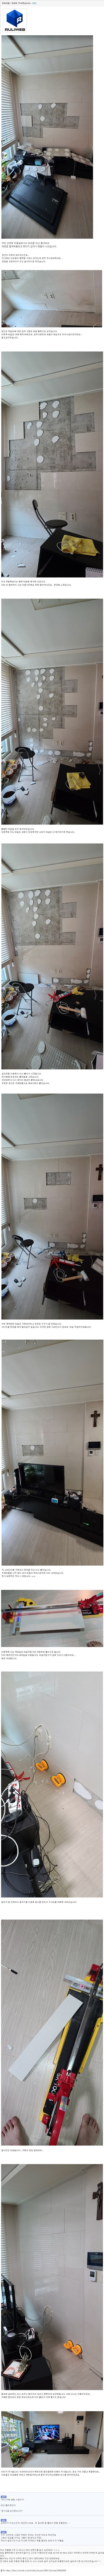 """""""아파트 거실이 무너졌습니다"""" 하자시공 논란"""